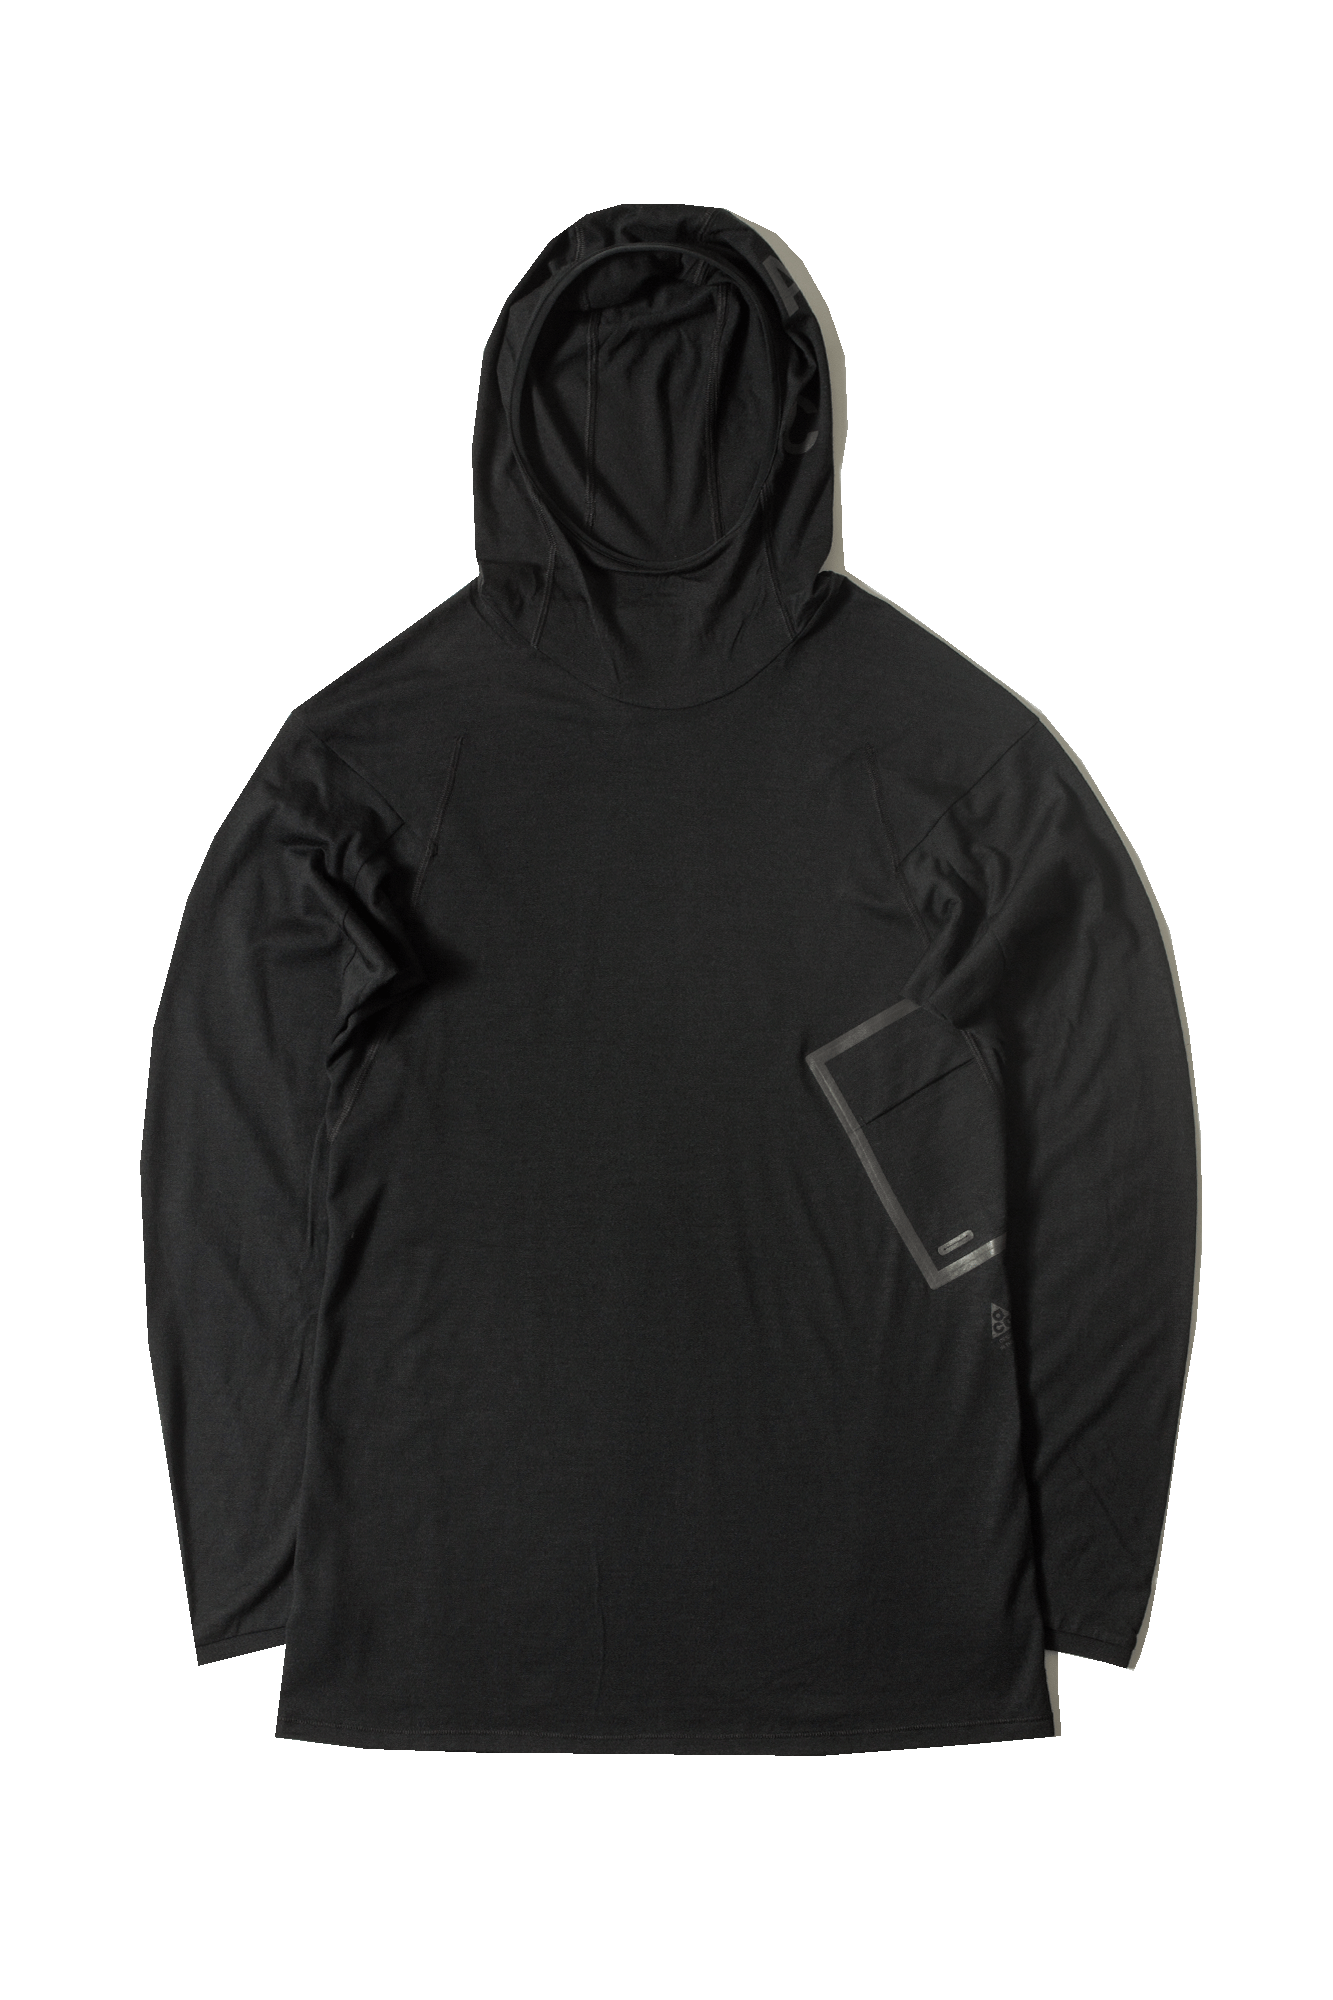 9d4e5dec8d Nike Acg Inversion Hoodie | Grailed